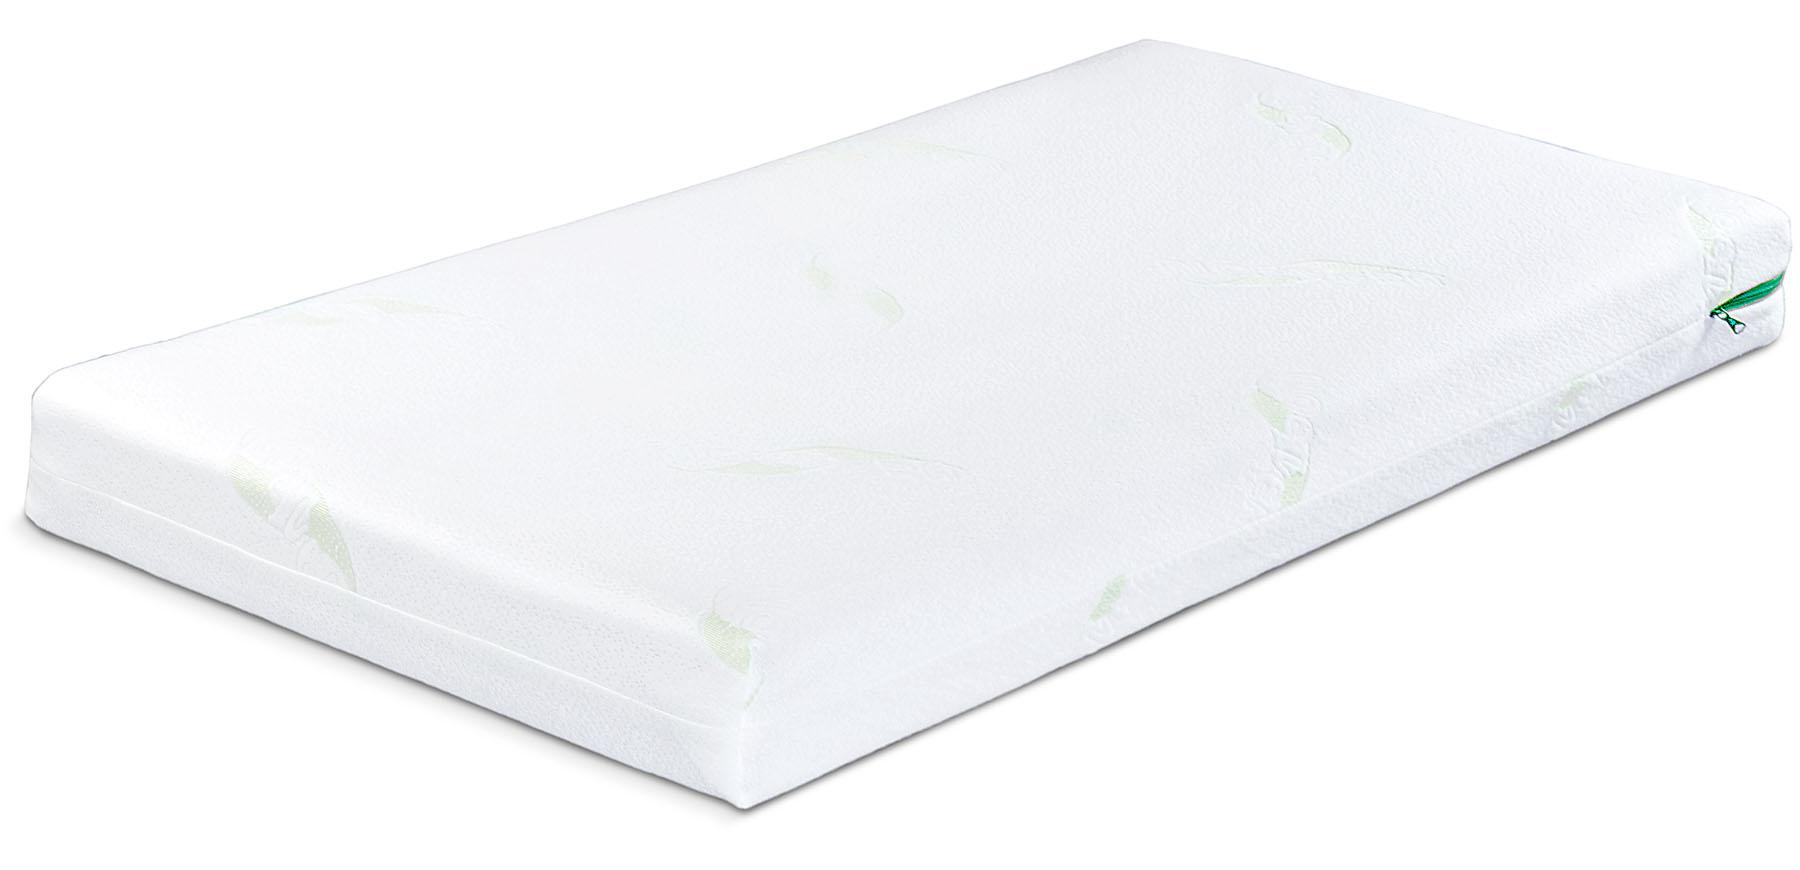 MEMORY ALOE VERA 140 x 70 Thermo elastic Foam-Coconut Mattress